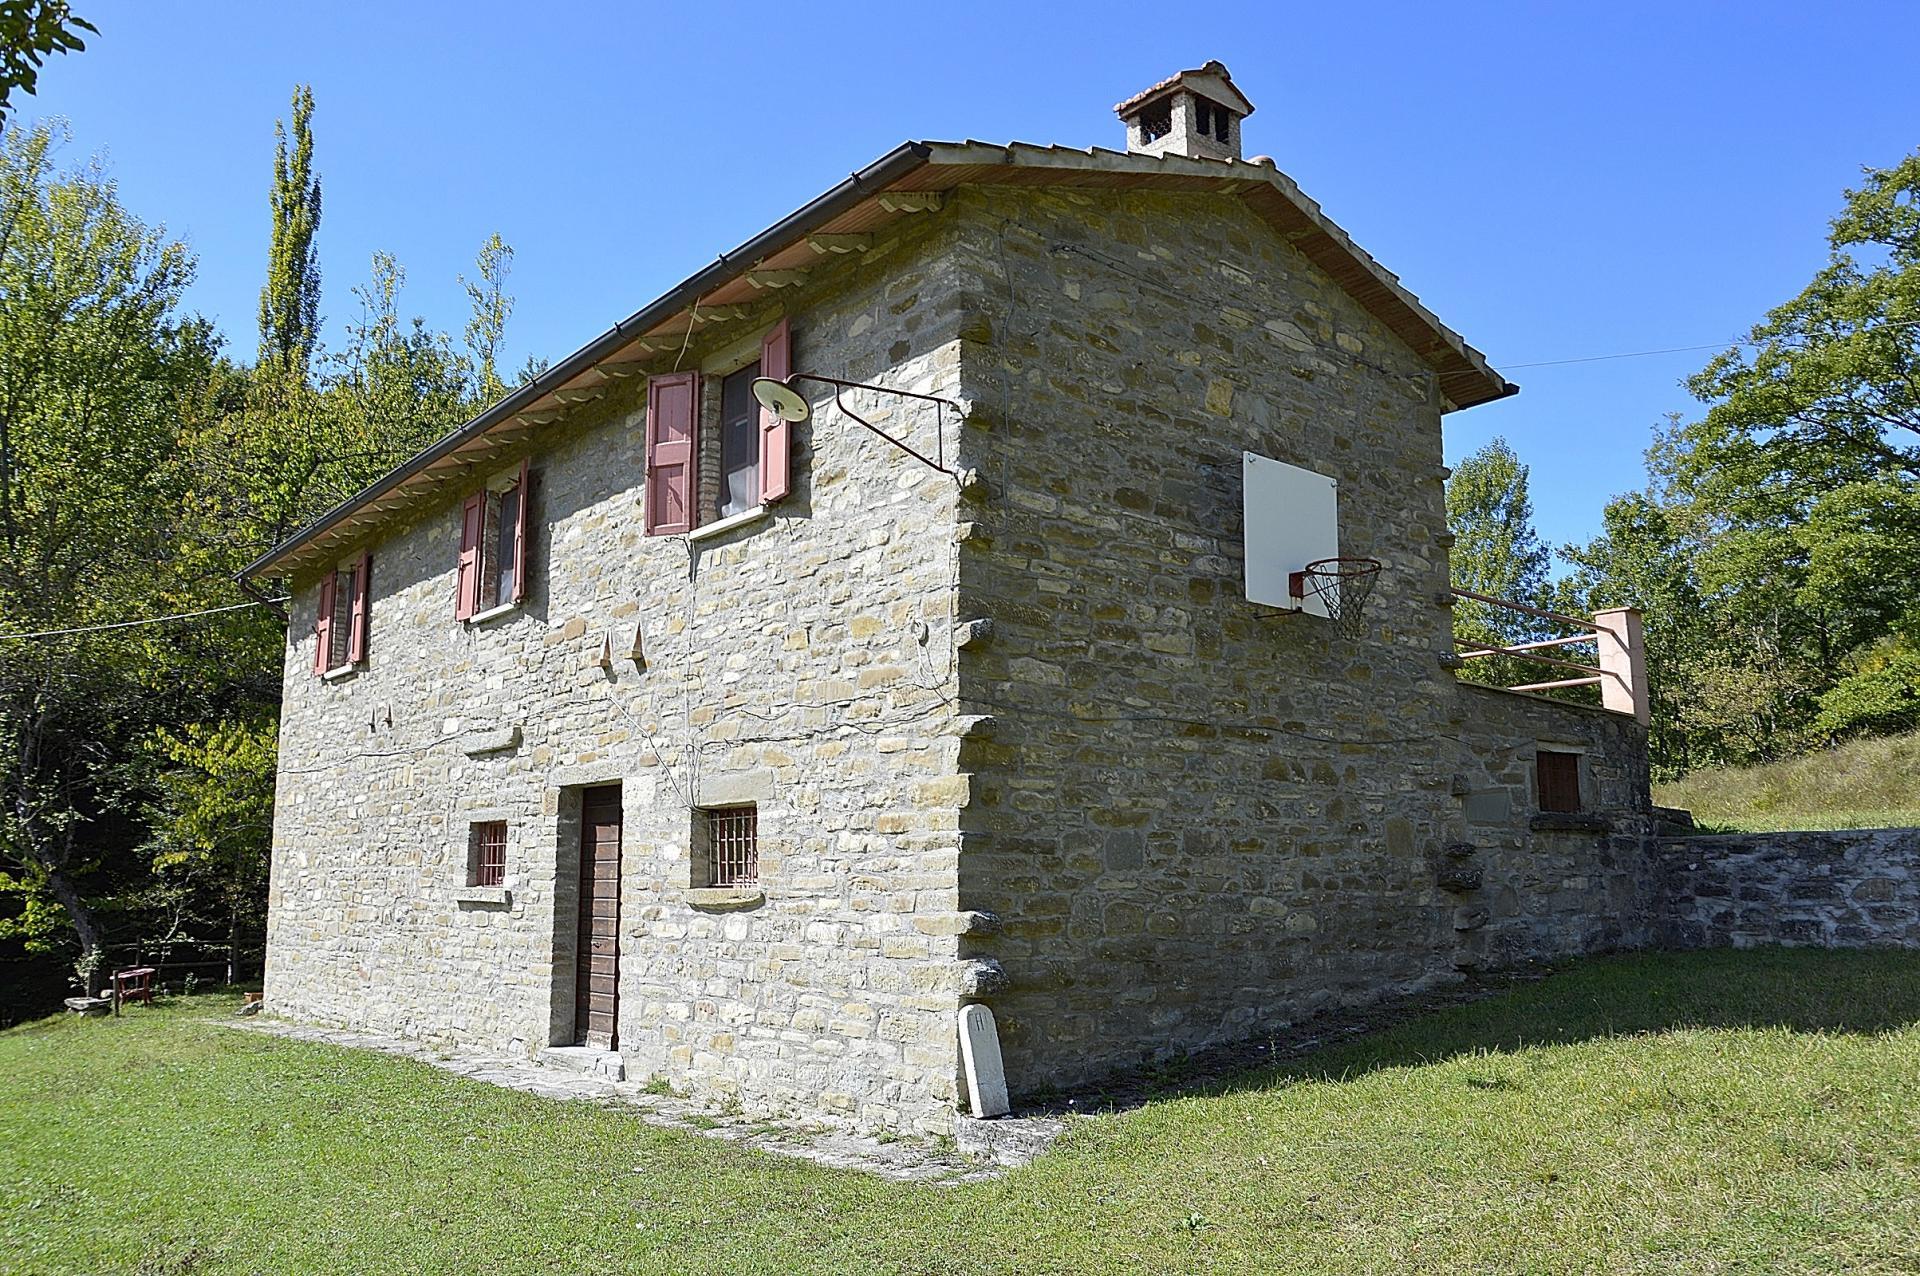 Rustico / Casale in vendita a Gubbio, 5 locali, prezzo € 115.000 | Cambio Casa.it